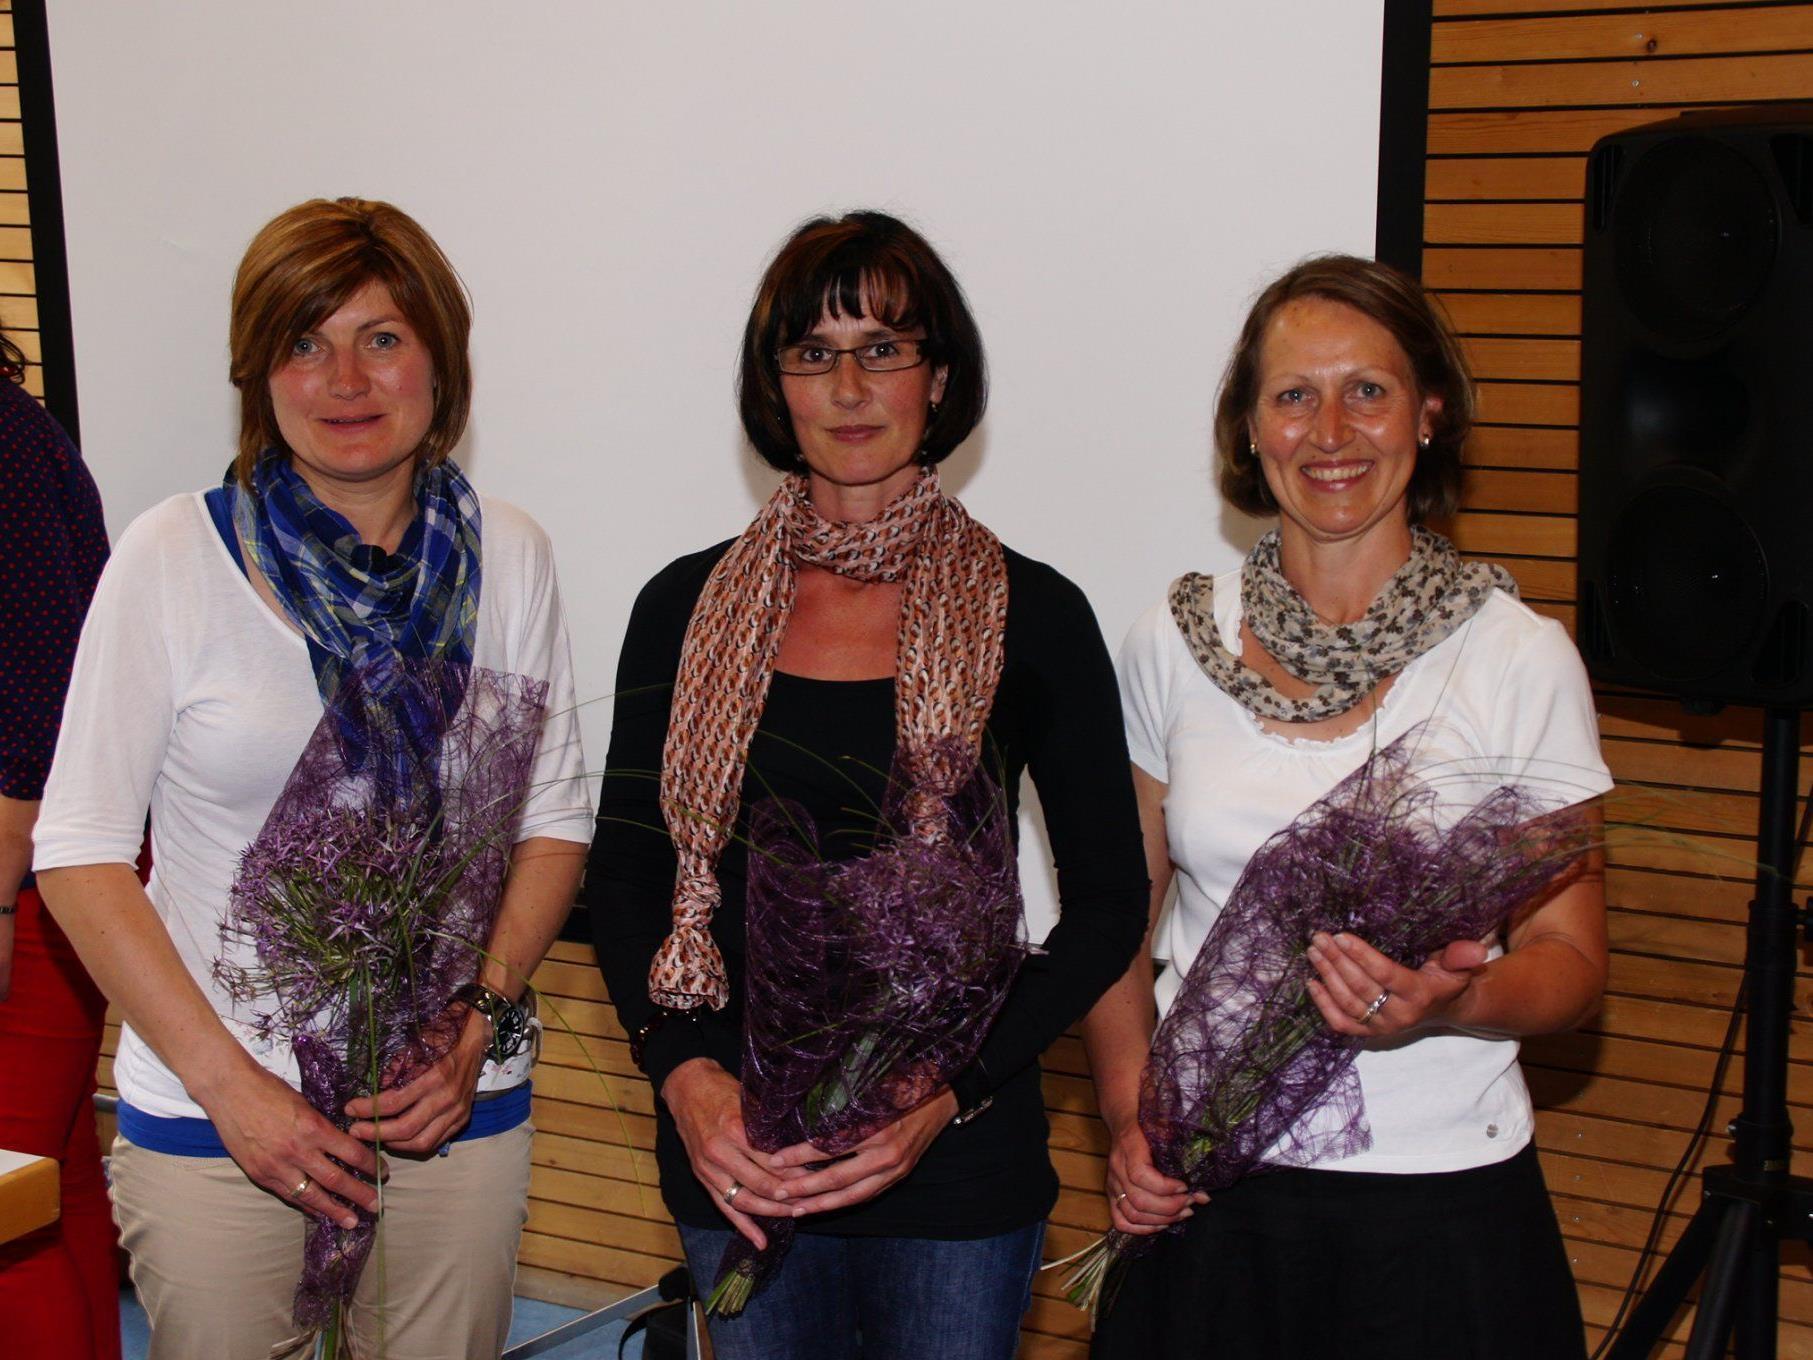 Roswitha, Monika und Bernadette erzählten bei der Jahreshauptversammlung von ihren Erfahrungen im Bereich der Pflege zuhause.